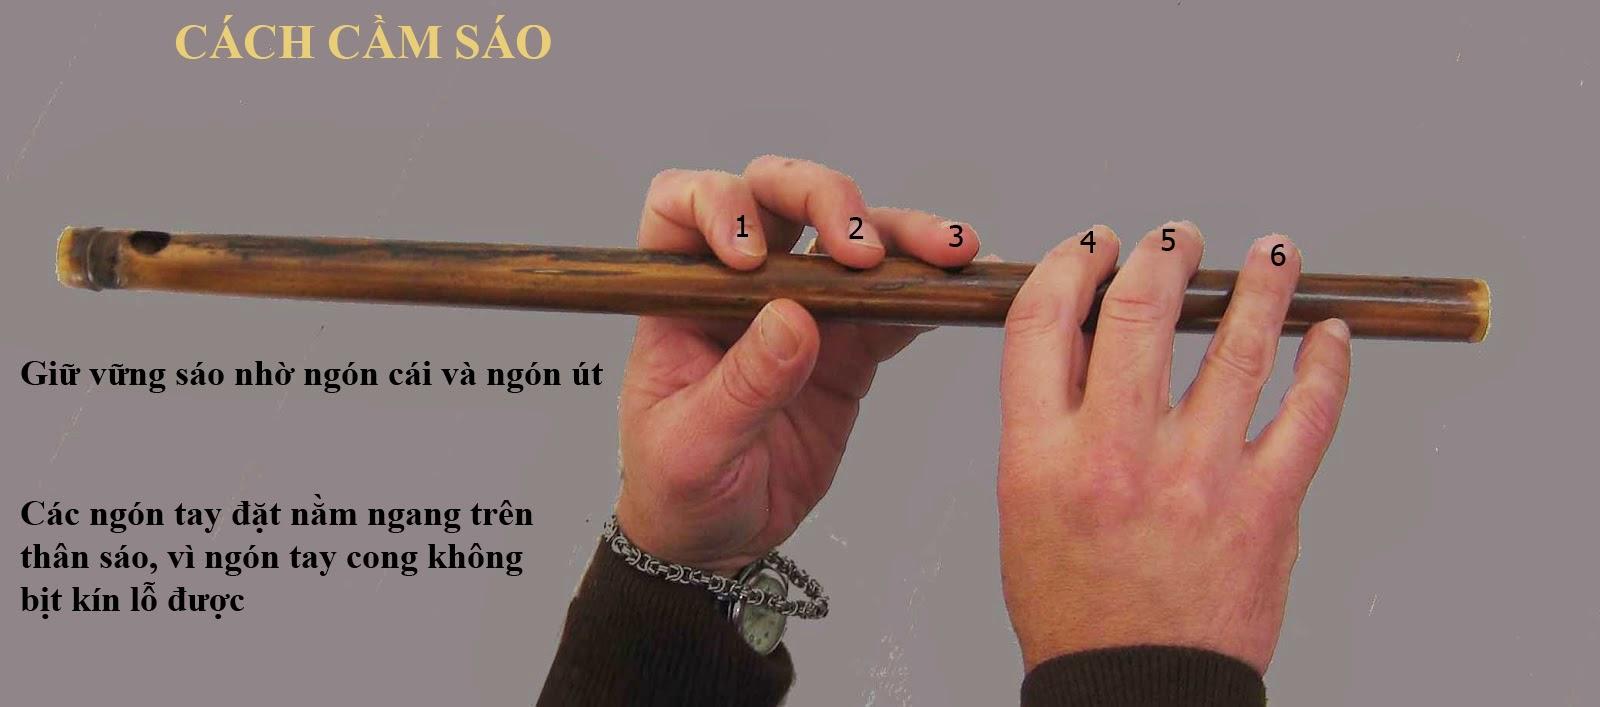 Cách cầm sáo